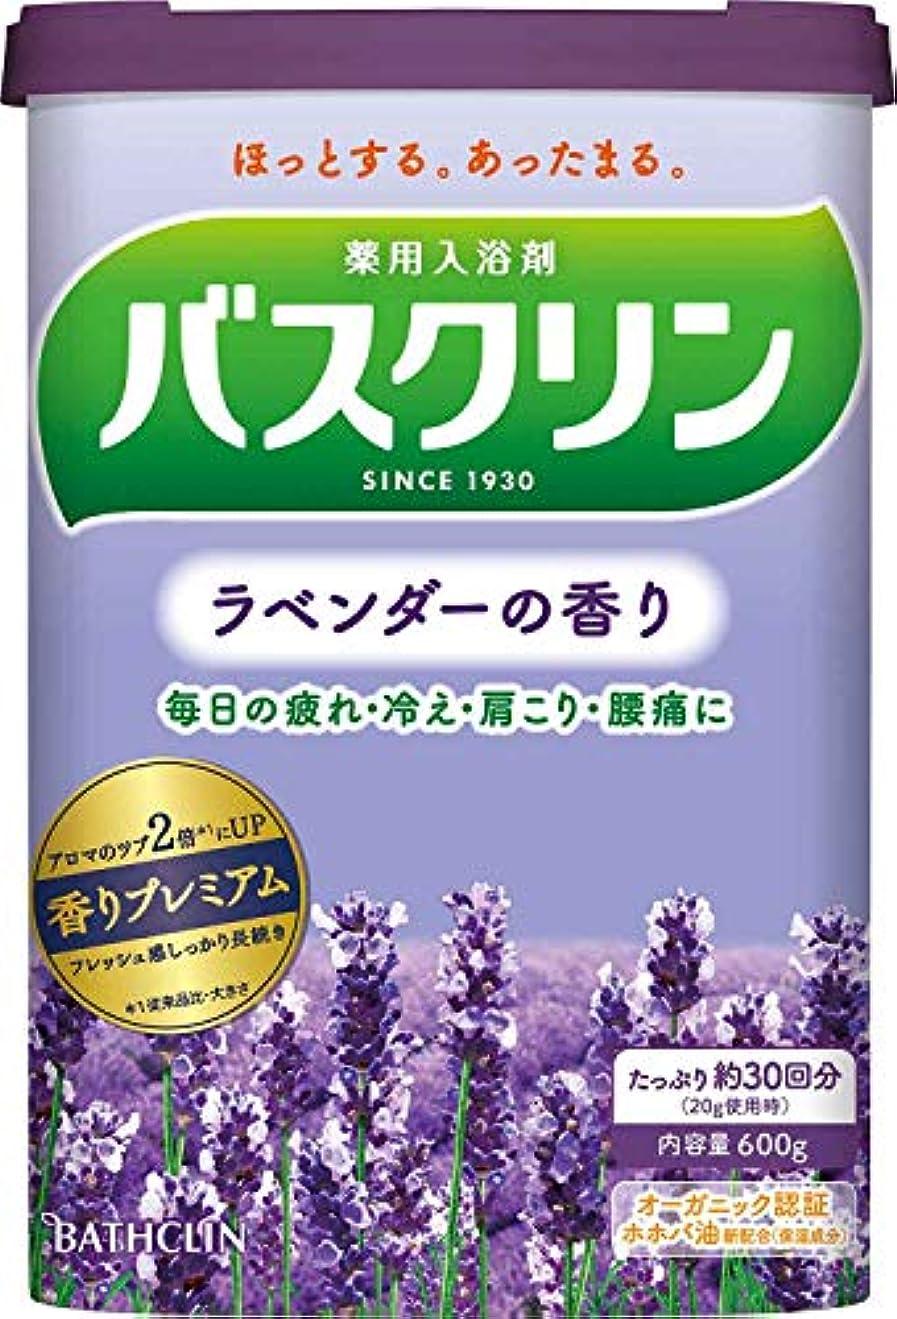 かろうじて廃棄毎回【医薬部外品】バスクリン入浴剤 ラベンダーの香り600g(約30回分) 疲労回復